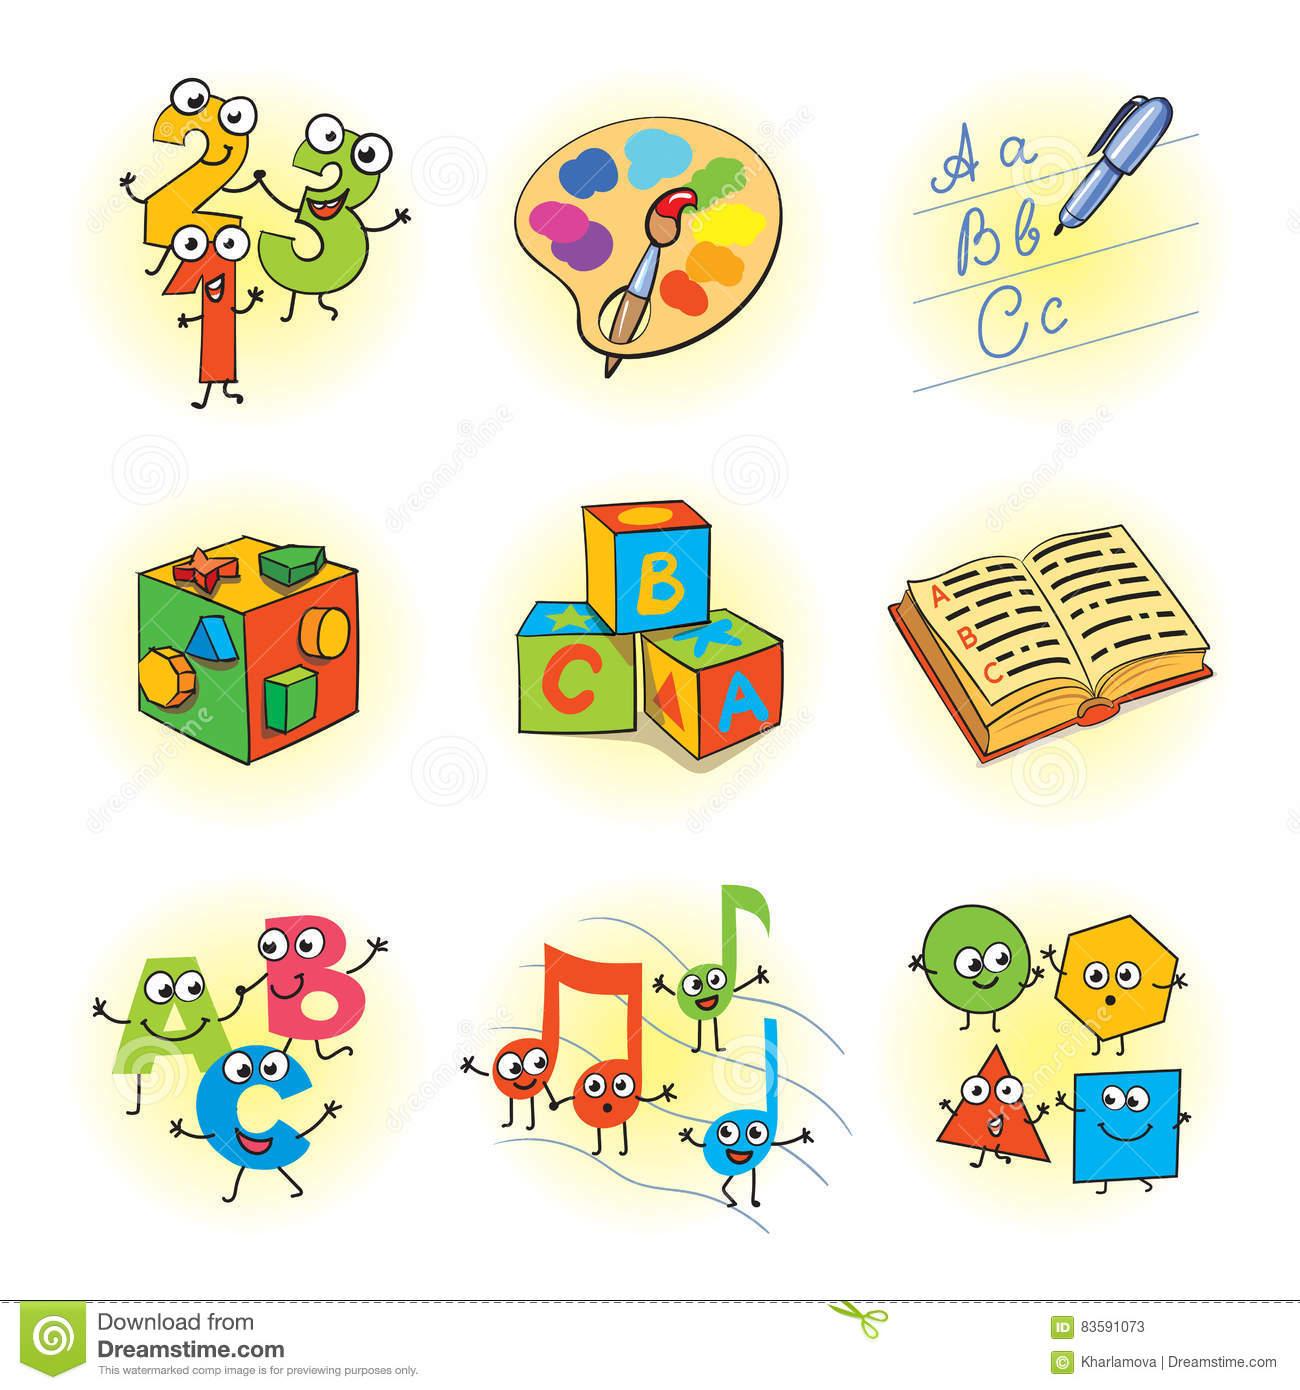 Jeux De Logique Pour Des Enfants Illustration De Vecteur avec Je De Logique